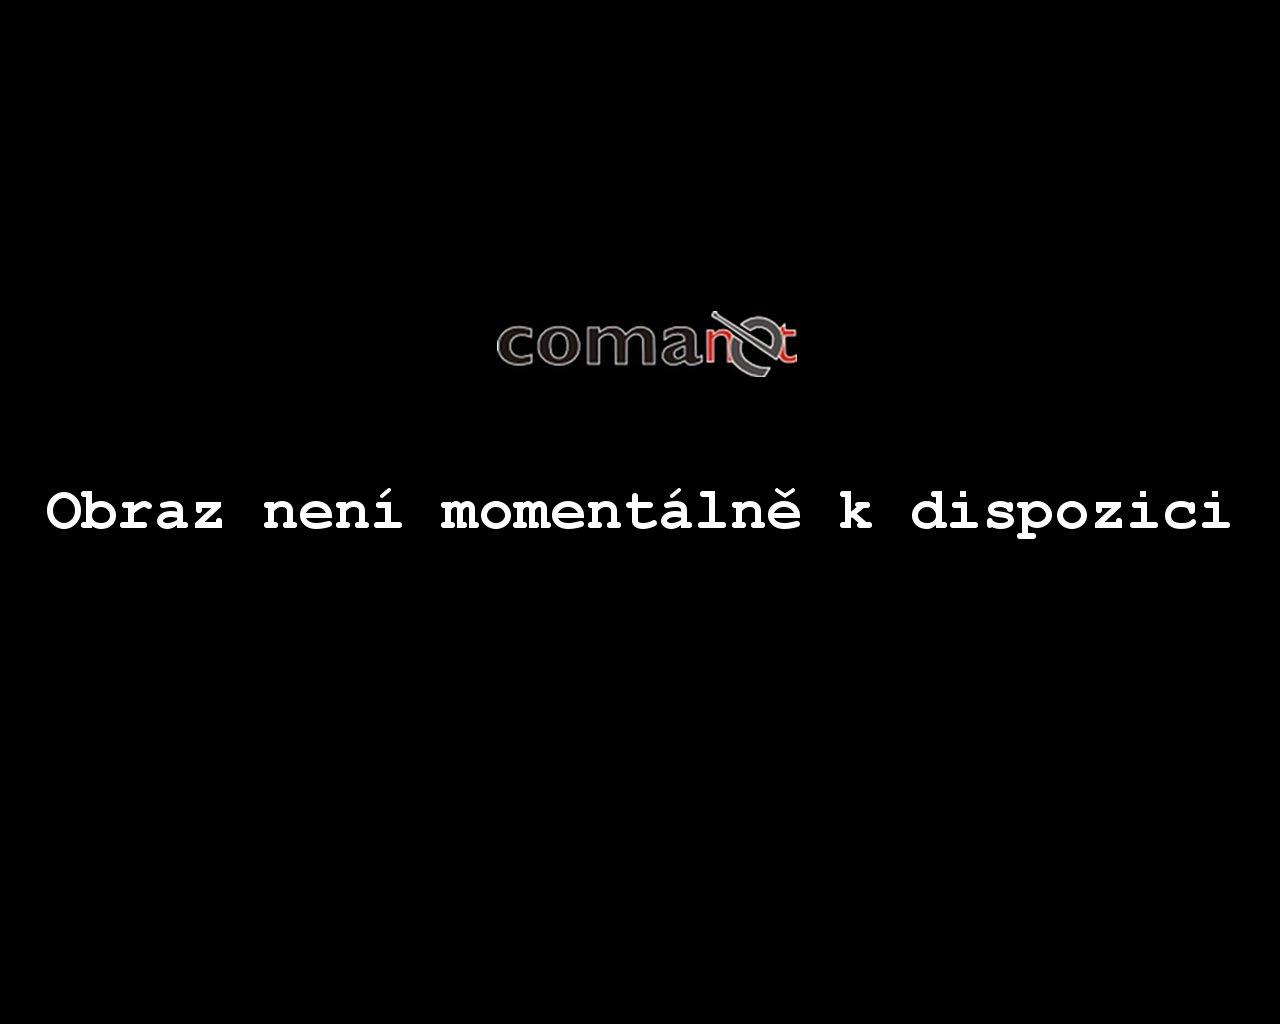 Online kamera Skiservis Udatný - Studenov